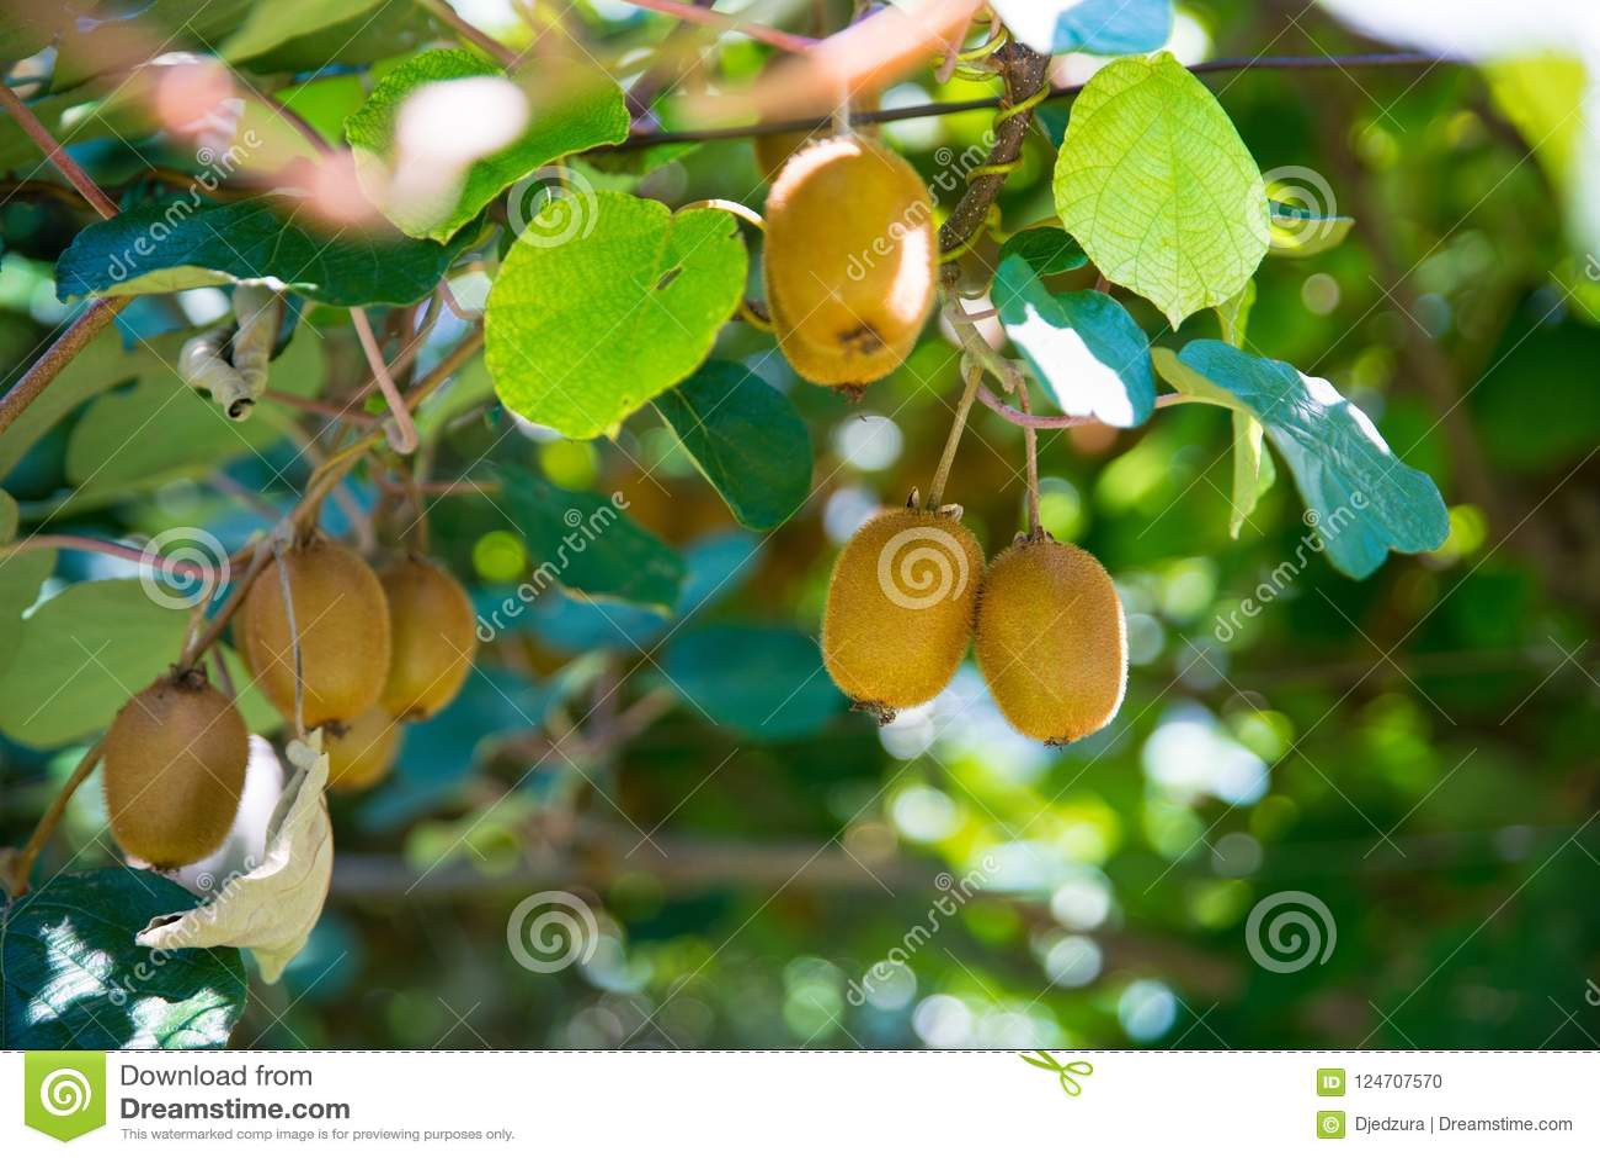 Außergewöhnlich Kiwi Auf Baum Auf Kiwiplantage In Italien Stockfoto - Bild von &JI_95